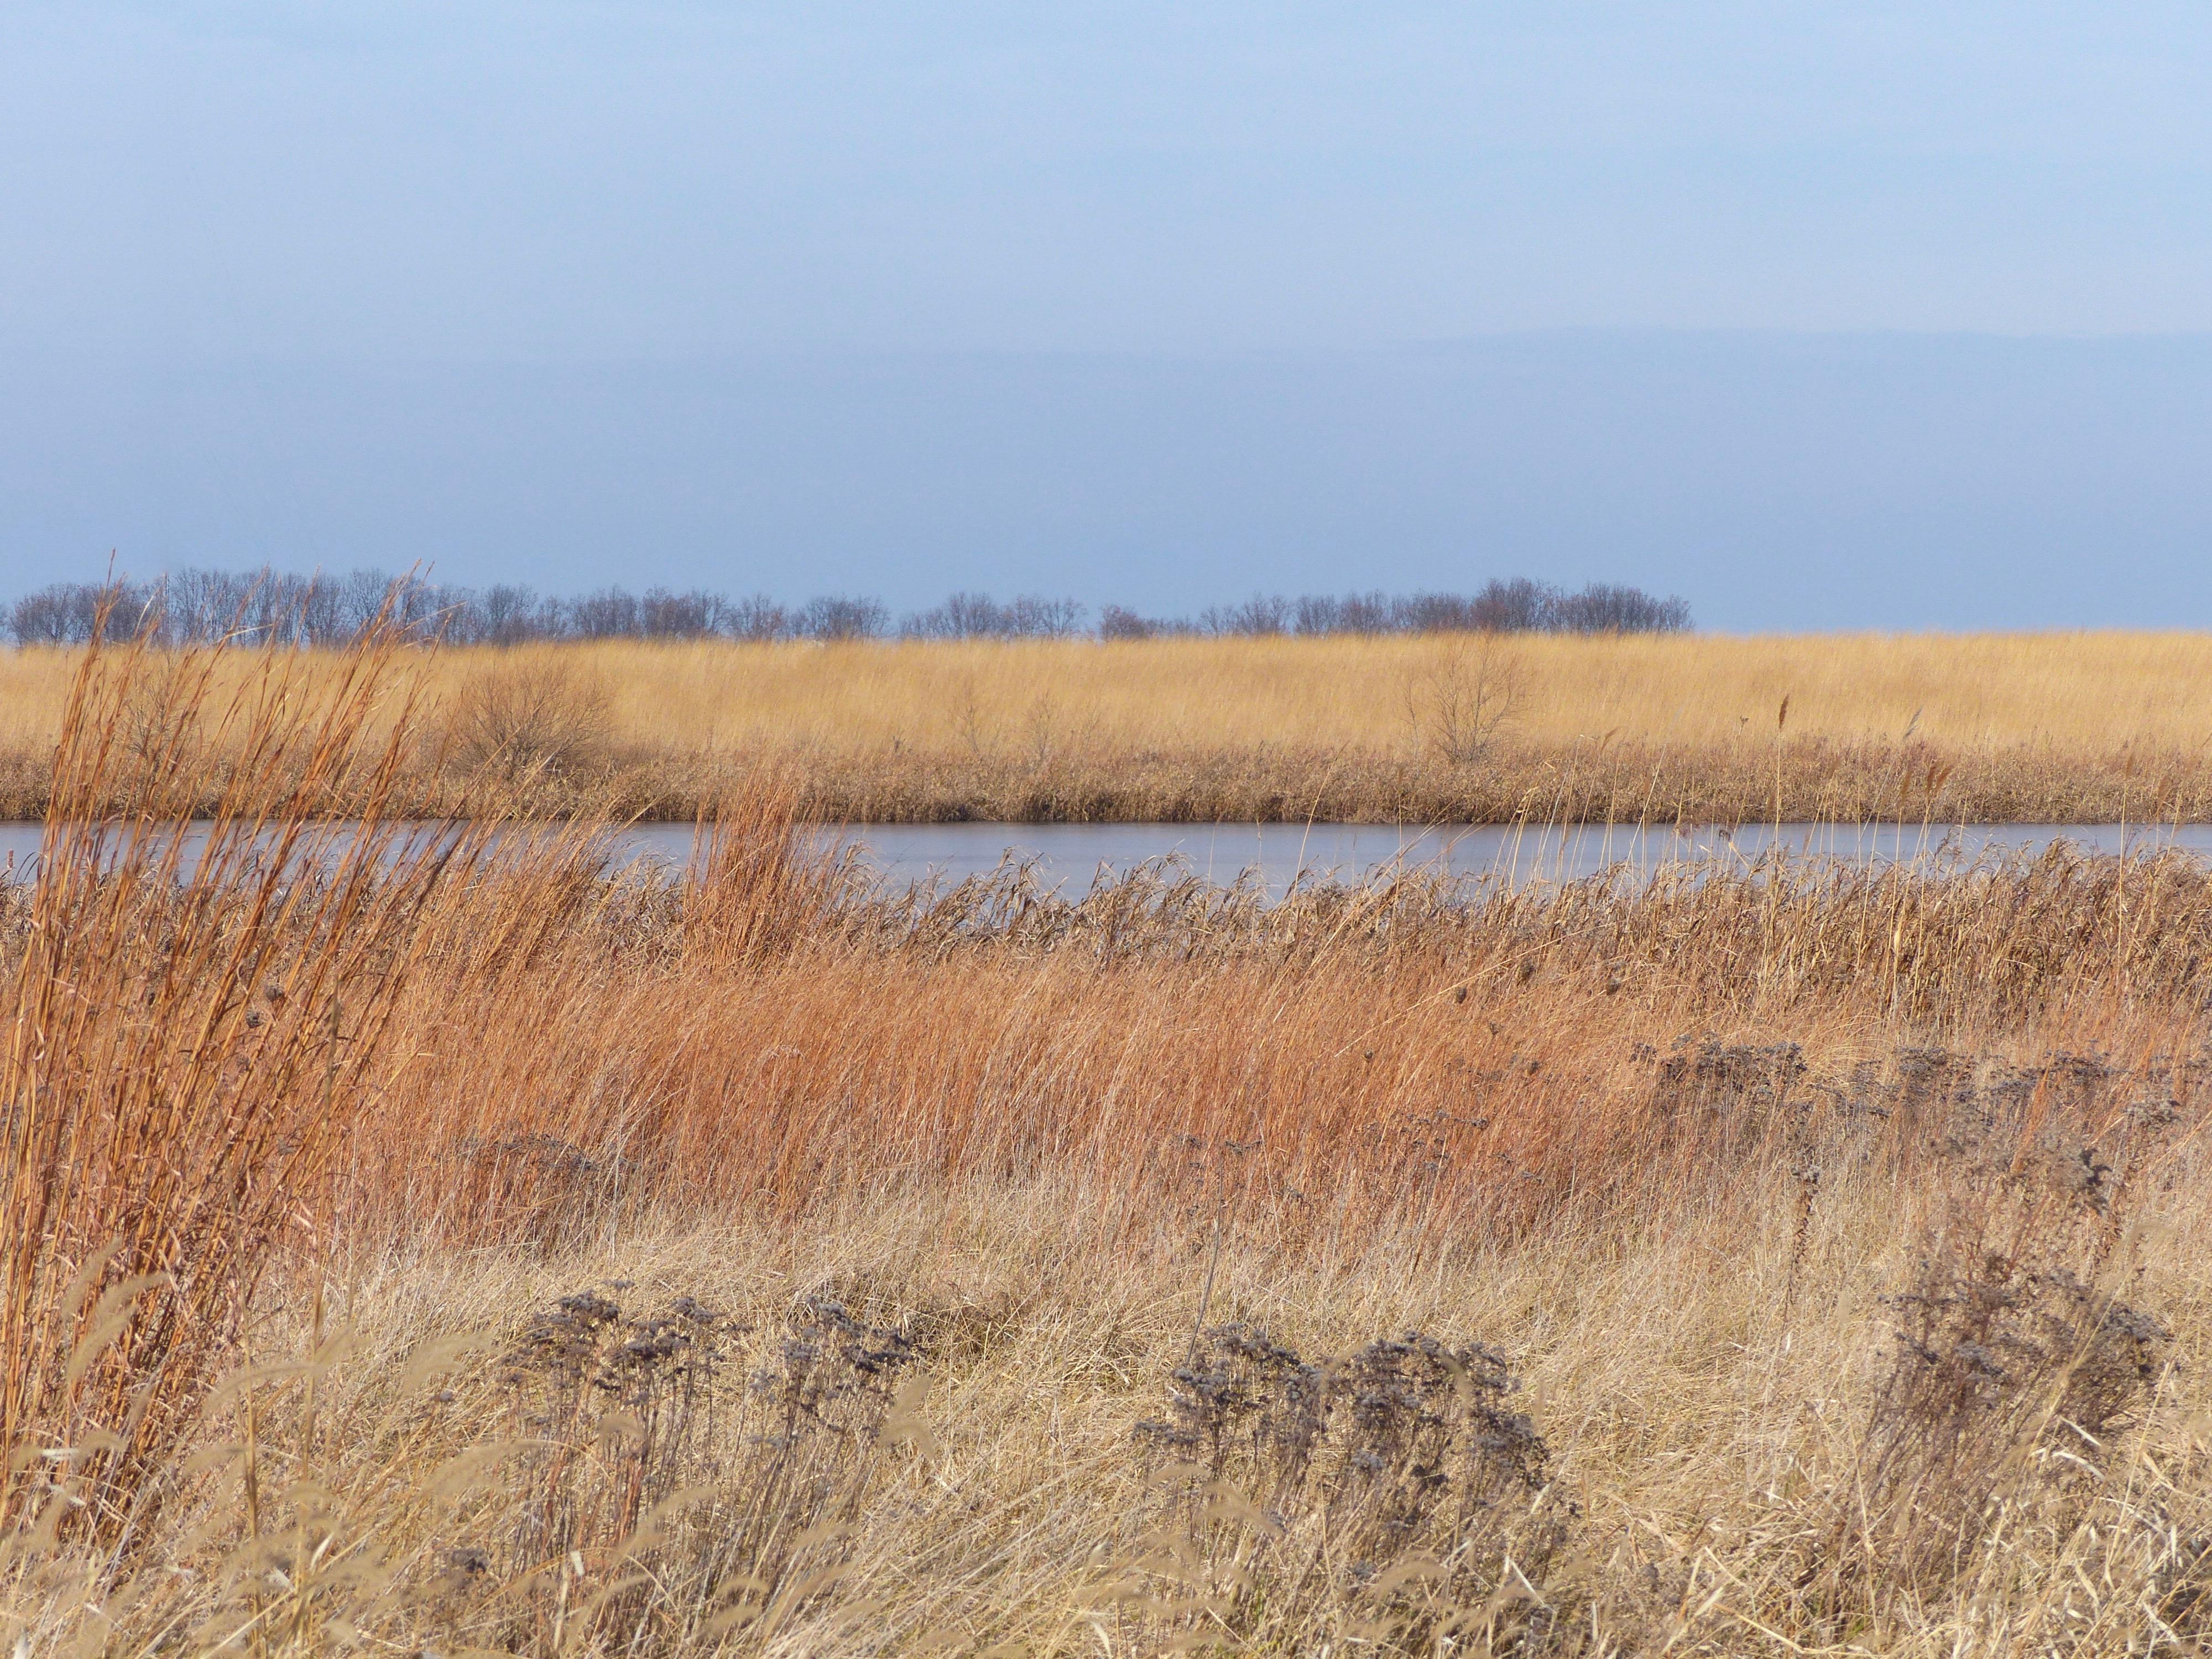 wetlandOrlandGrassland122317.jpg